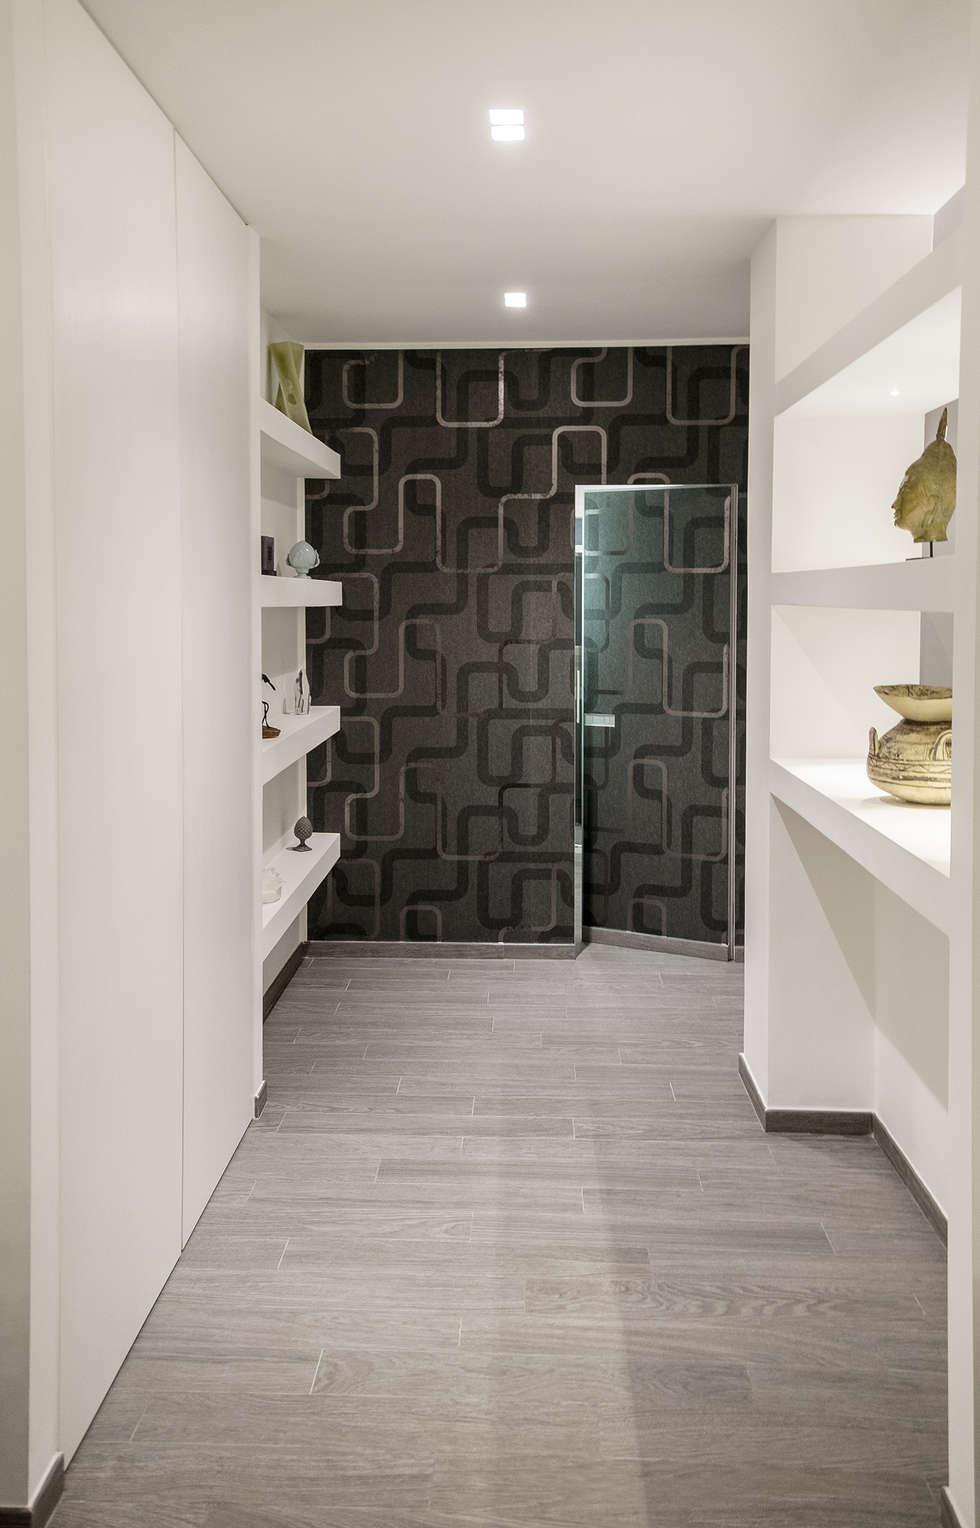 Ingresso e porta raso muro per l'accesso al bagno degli ospiti: Bagno in stile in stile Moderno di Rosa Gorgoglione Architetto